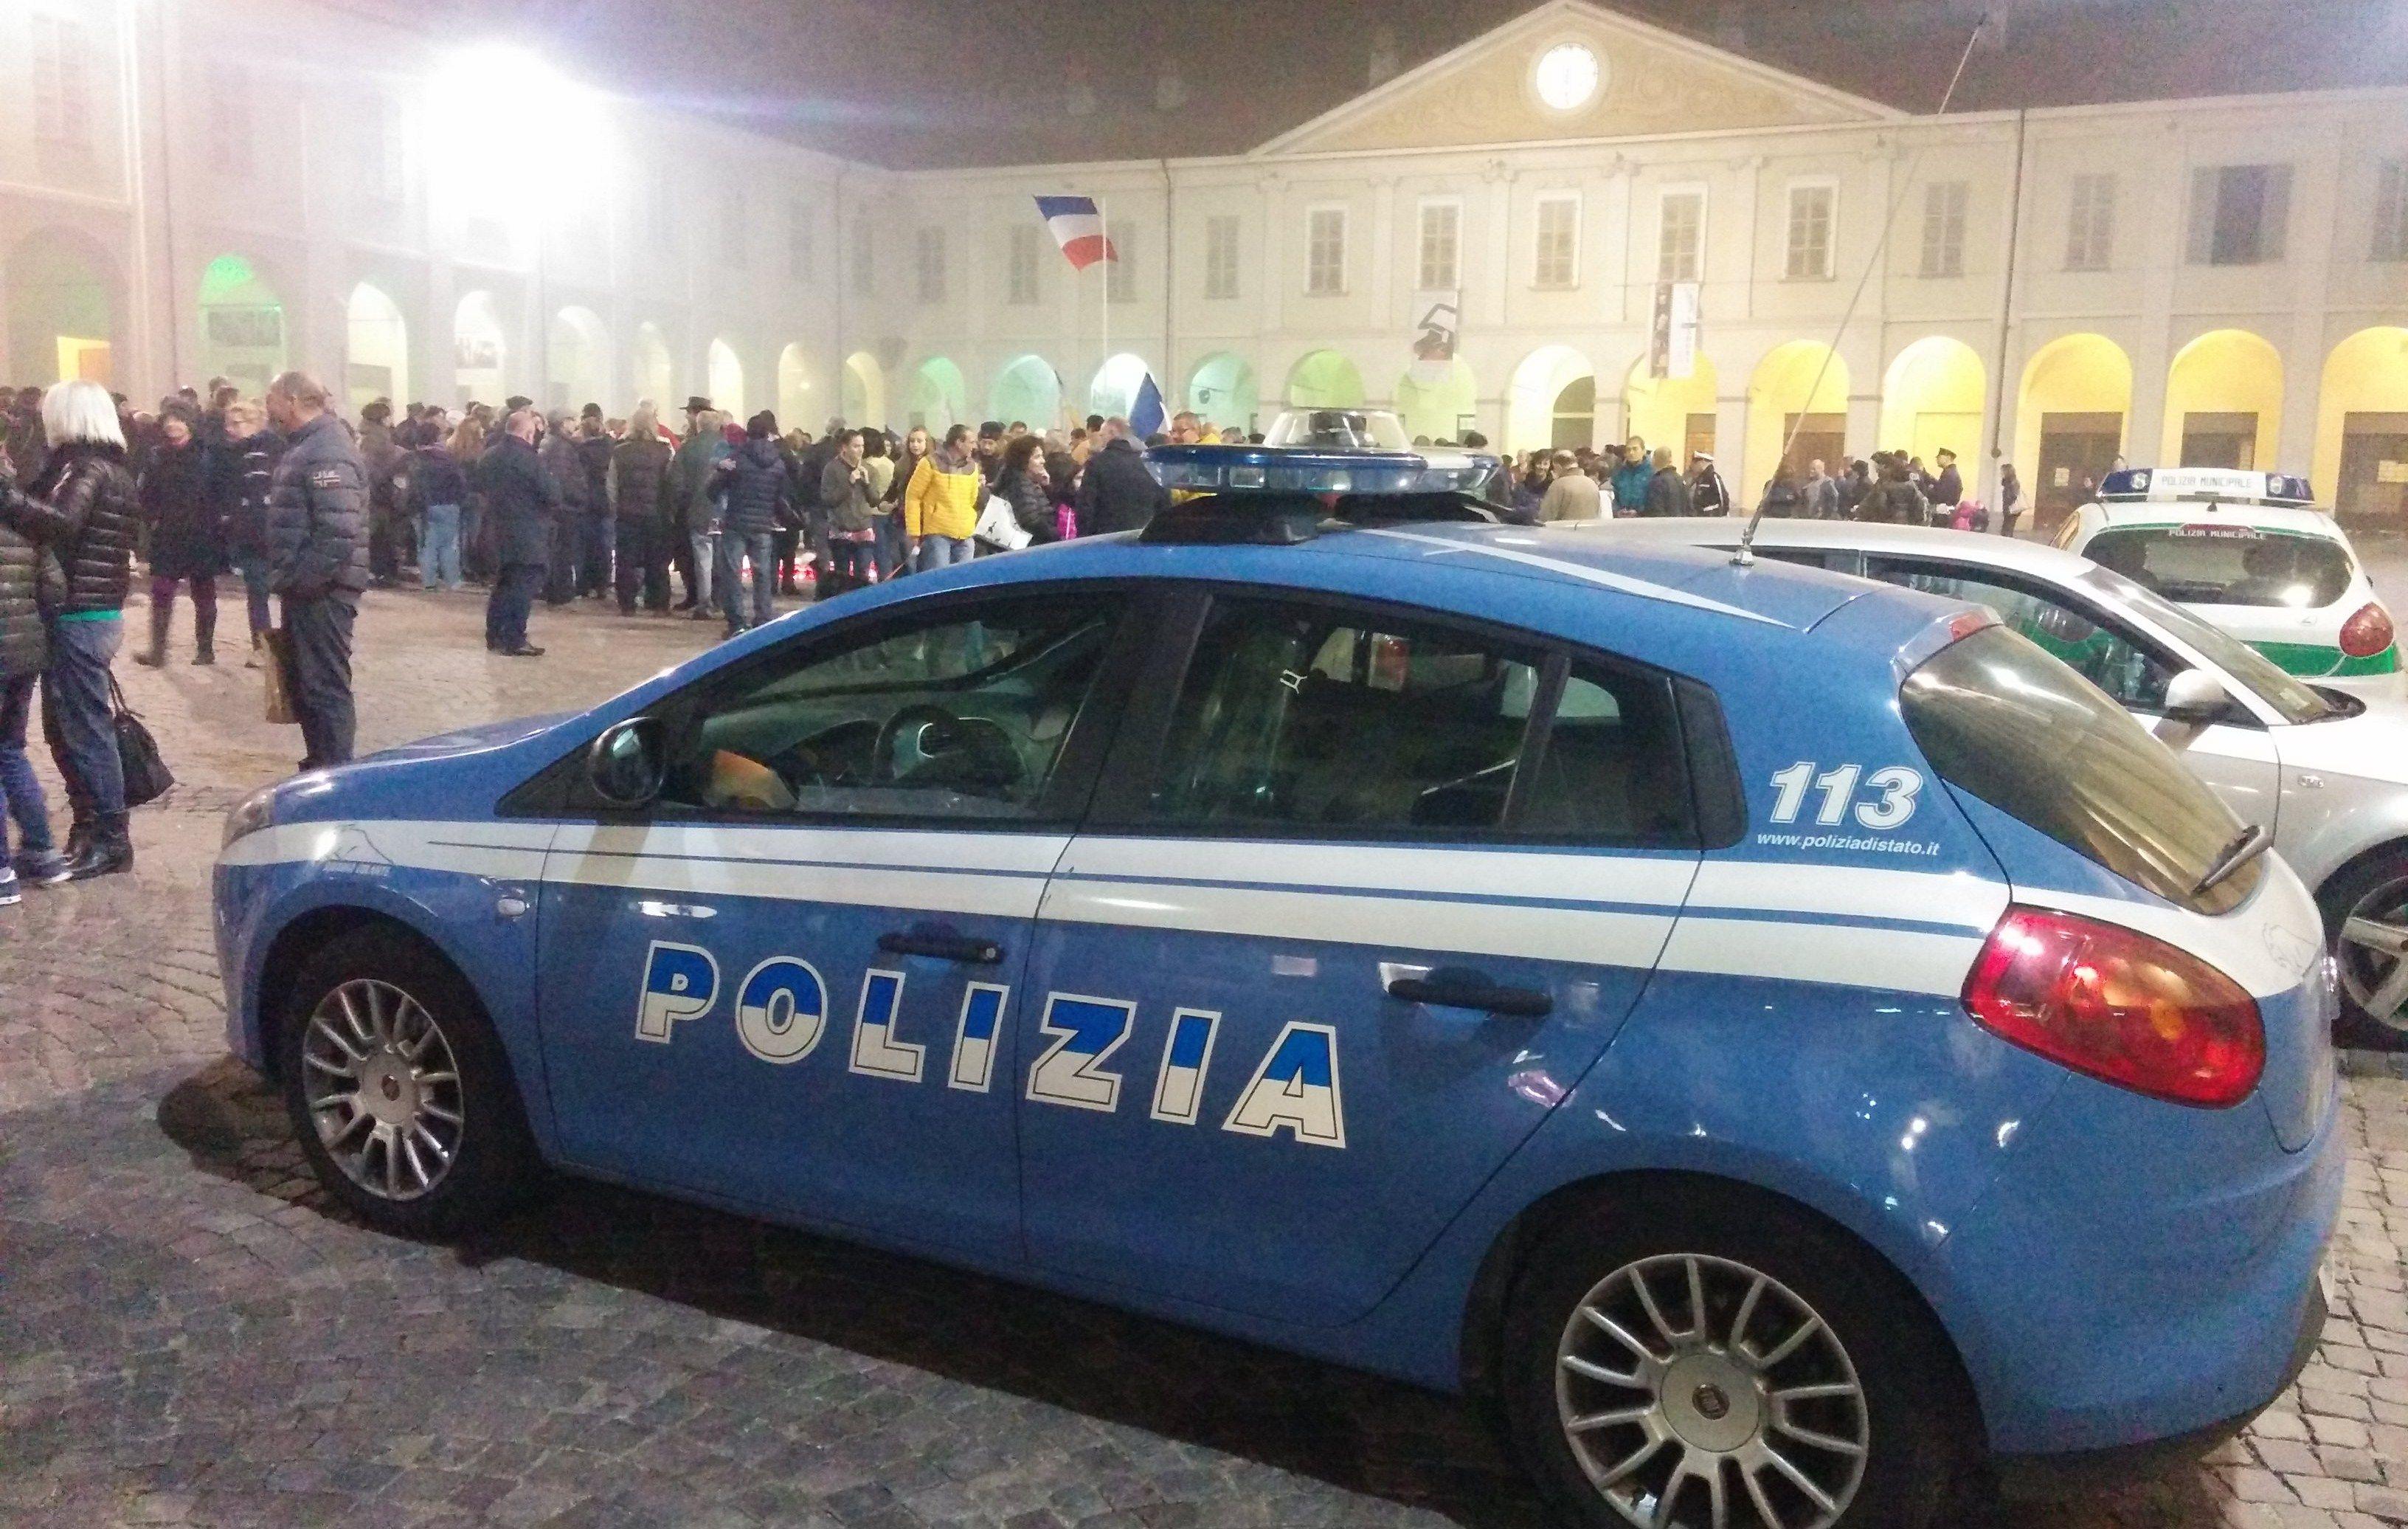 IVREA - Vendevano droga ai ragazzini delle scuole: quattro persone arrestate dalla polizia - VIDEO